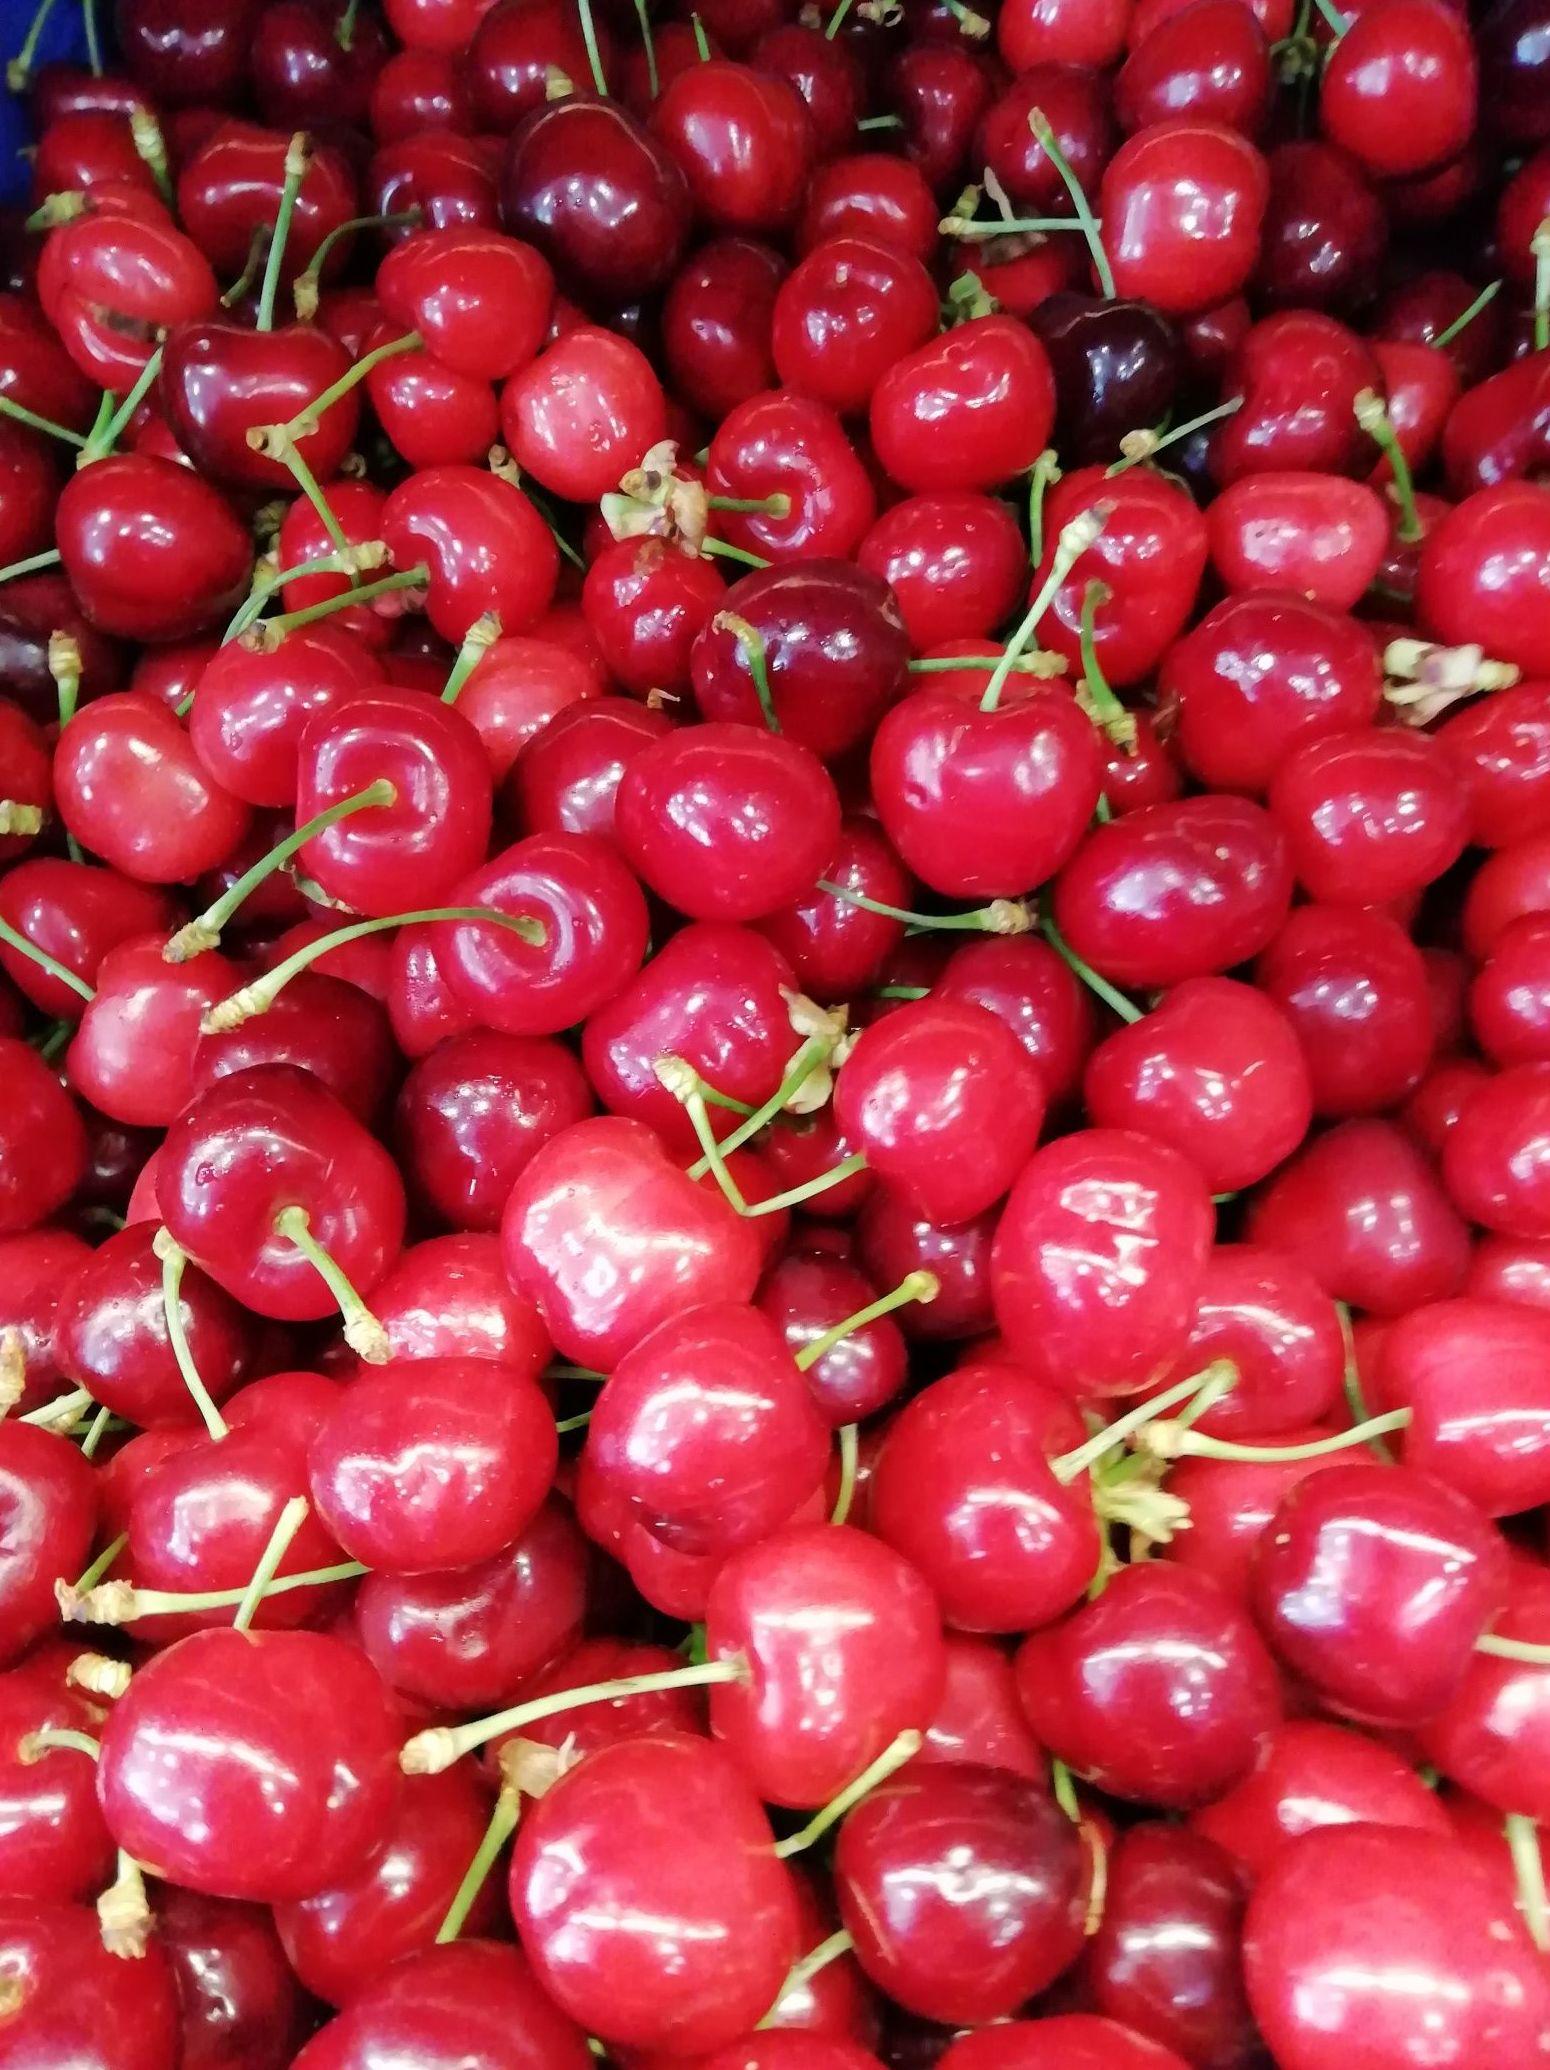 Ya empiezan las cerezas. Aprovecha ahora que es temporada!